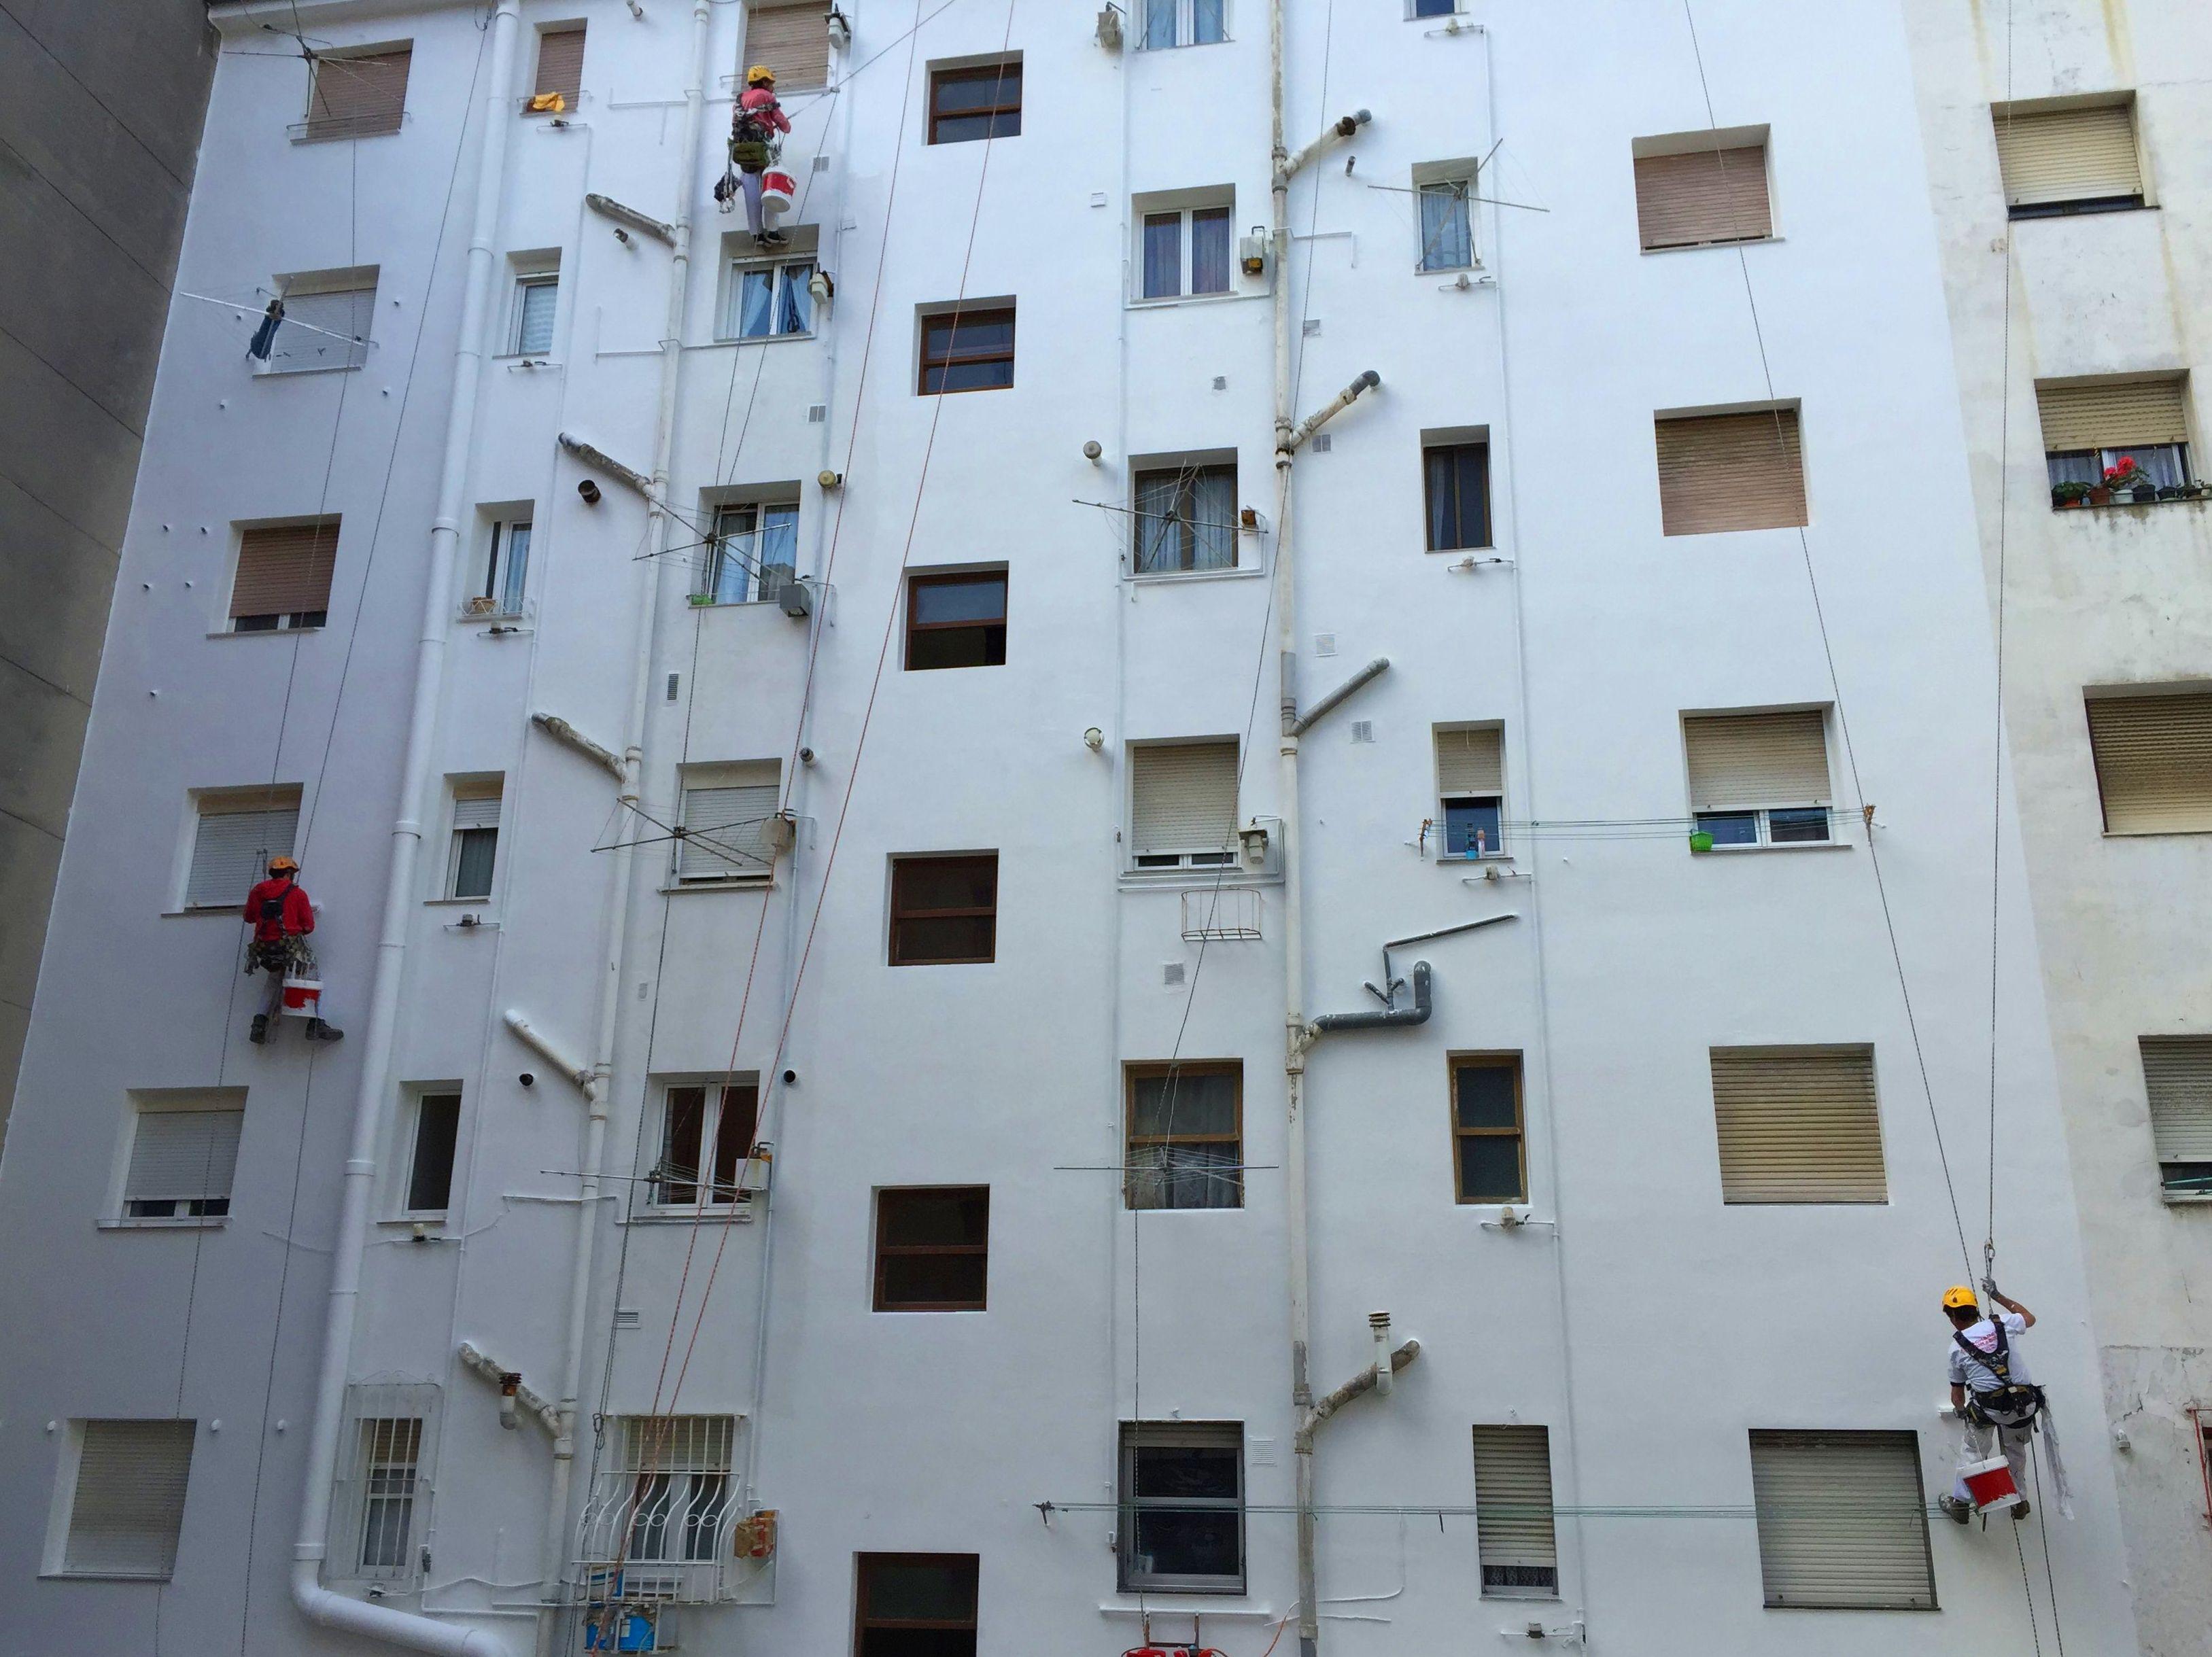 Reforma de fachadas descuelgues verticales